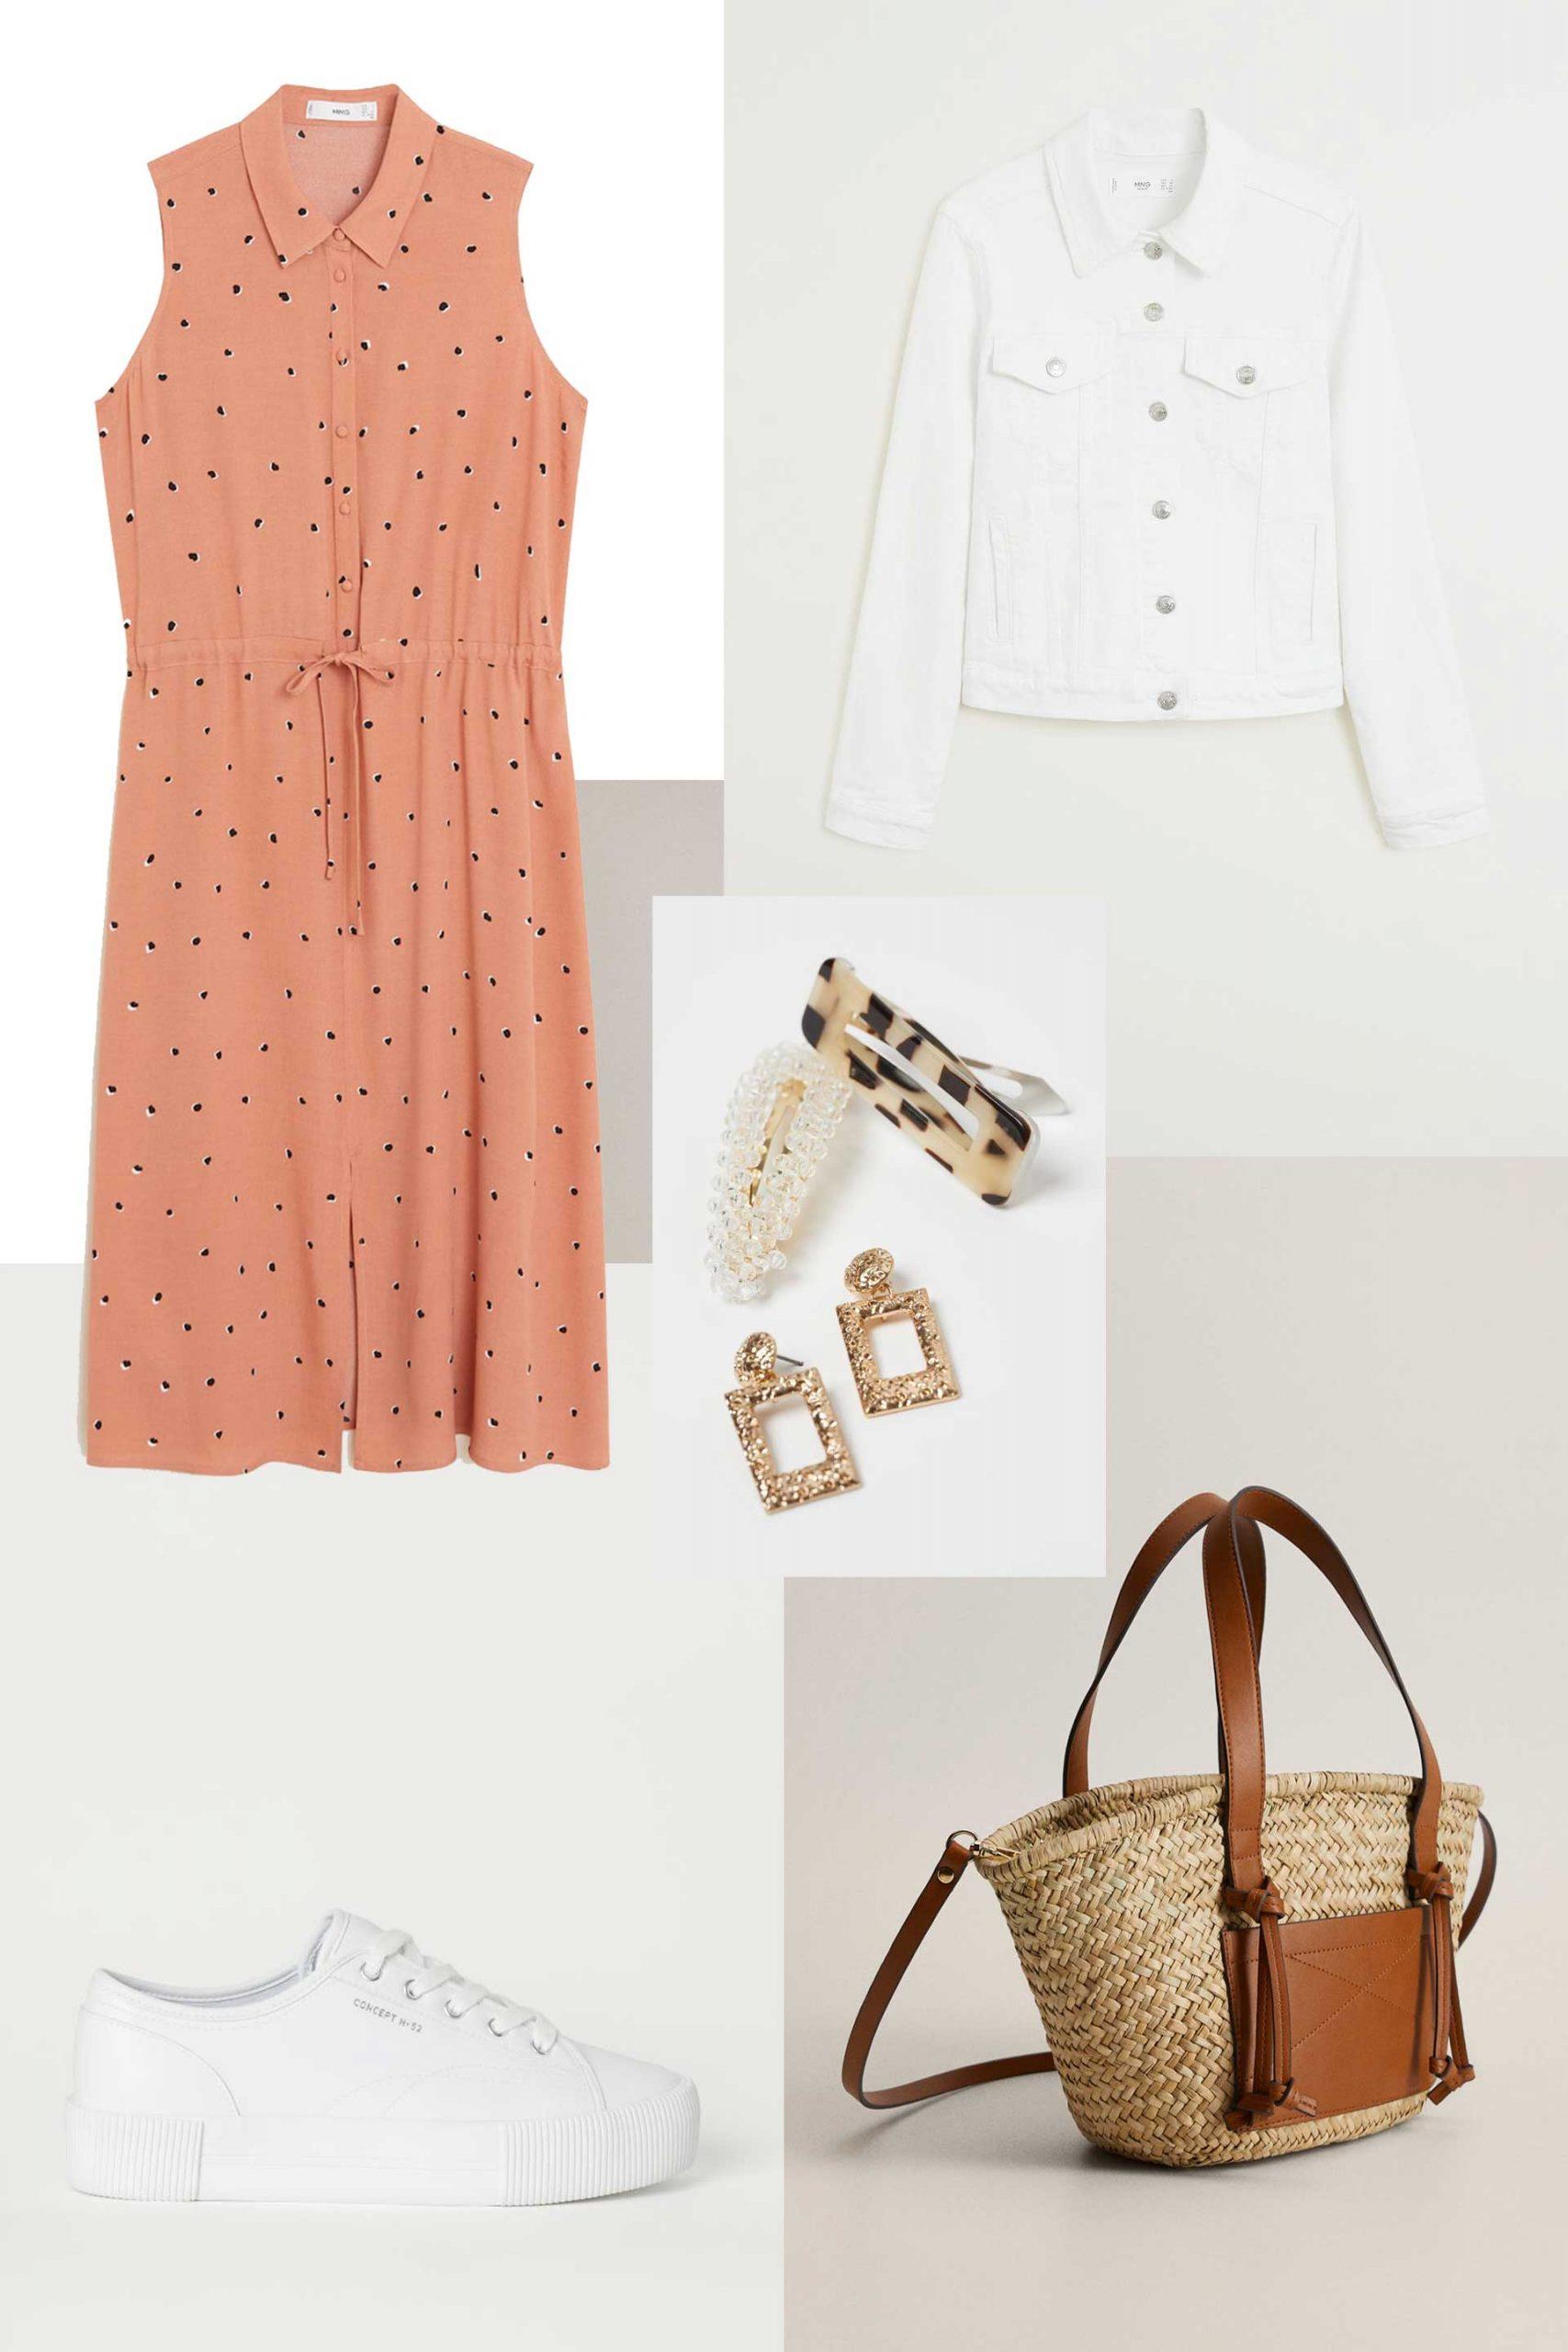 Du möchtest dir günstige Outfits zusammenstellen, die modern und stylisch sind? Am Modeblog habe ich 5 Looks unter 200 Euro für dich kreiert. Viel Spaß beim Stöbern! www.whoismocca.com #frühlingsoutfit #modetrends #frühlingstrends